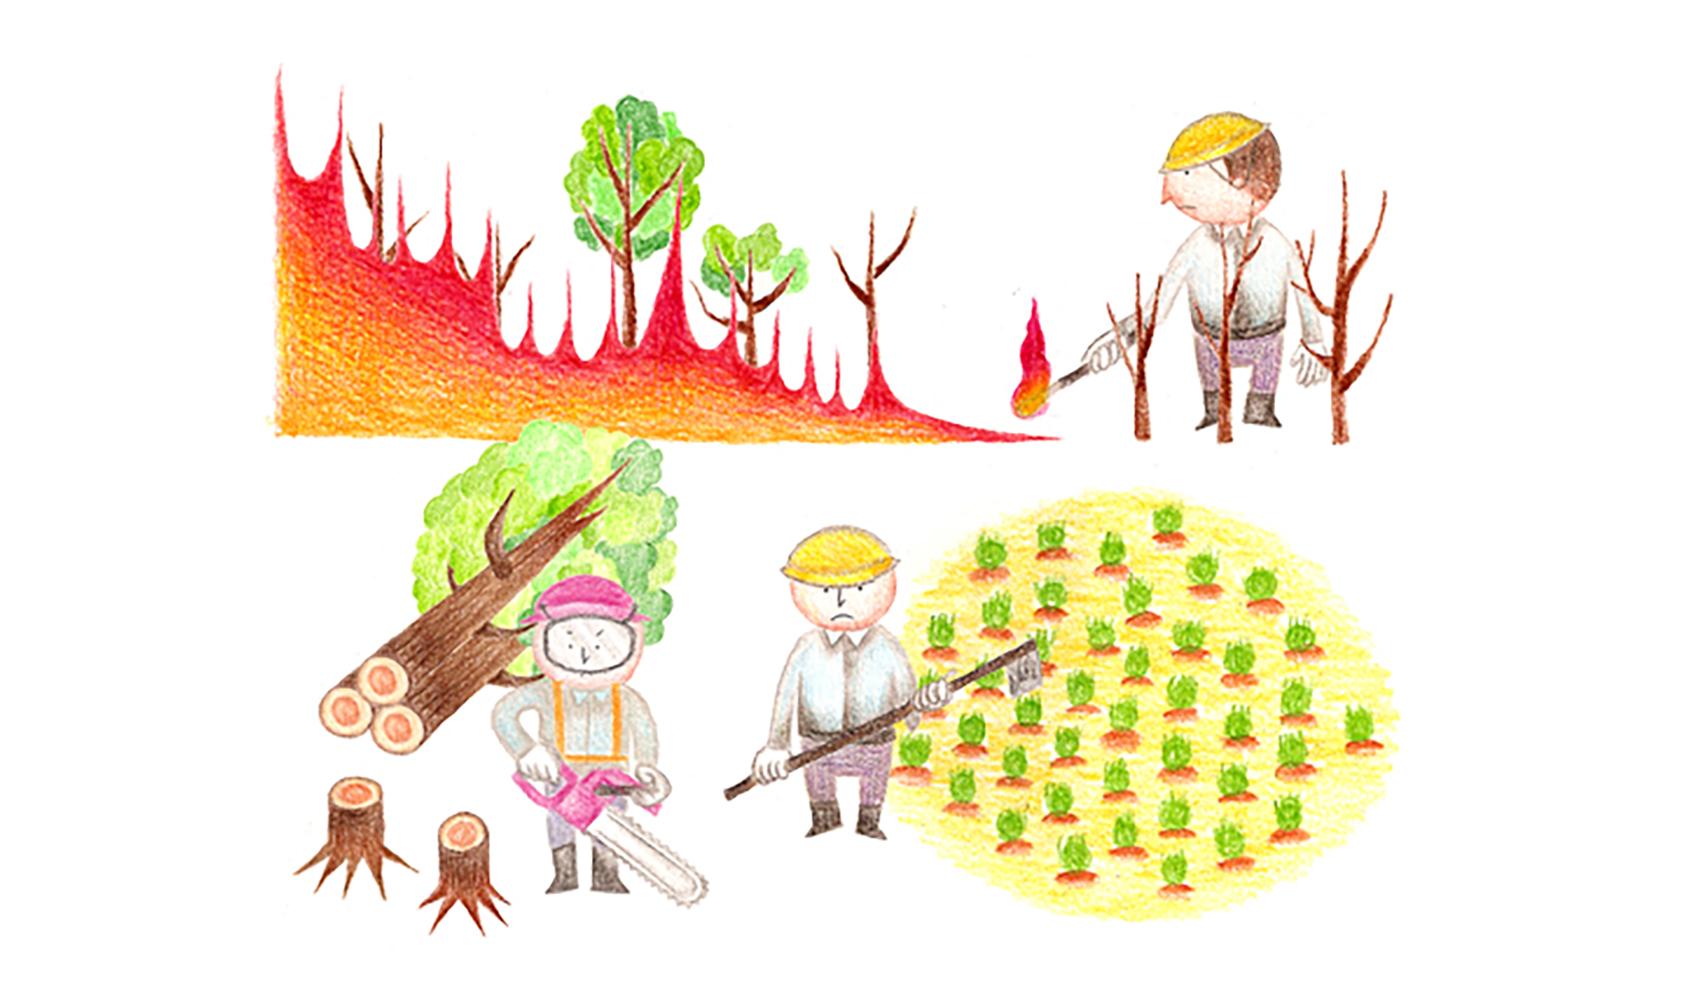 熱帯林は、どうして急にへっているのですか?(森林破壊)